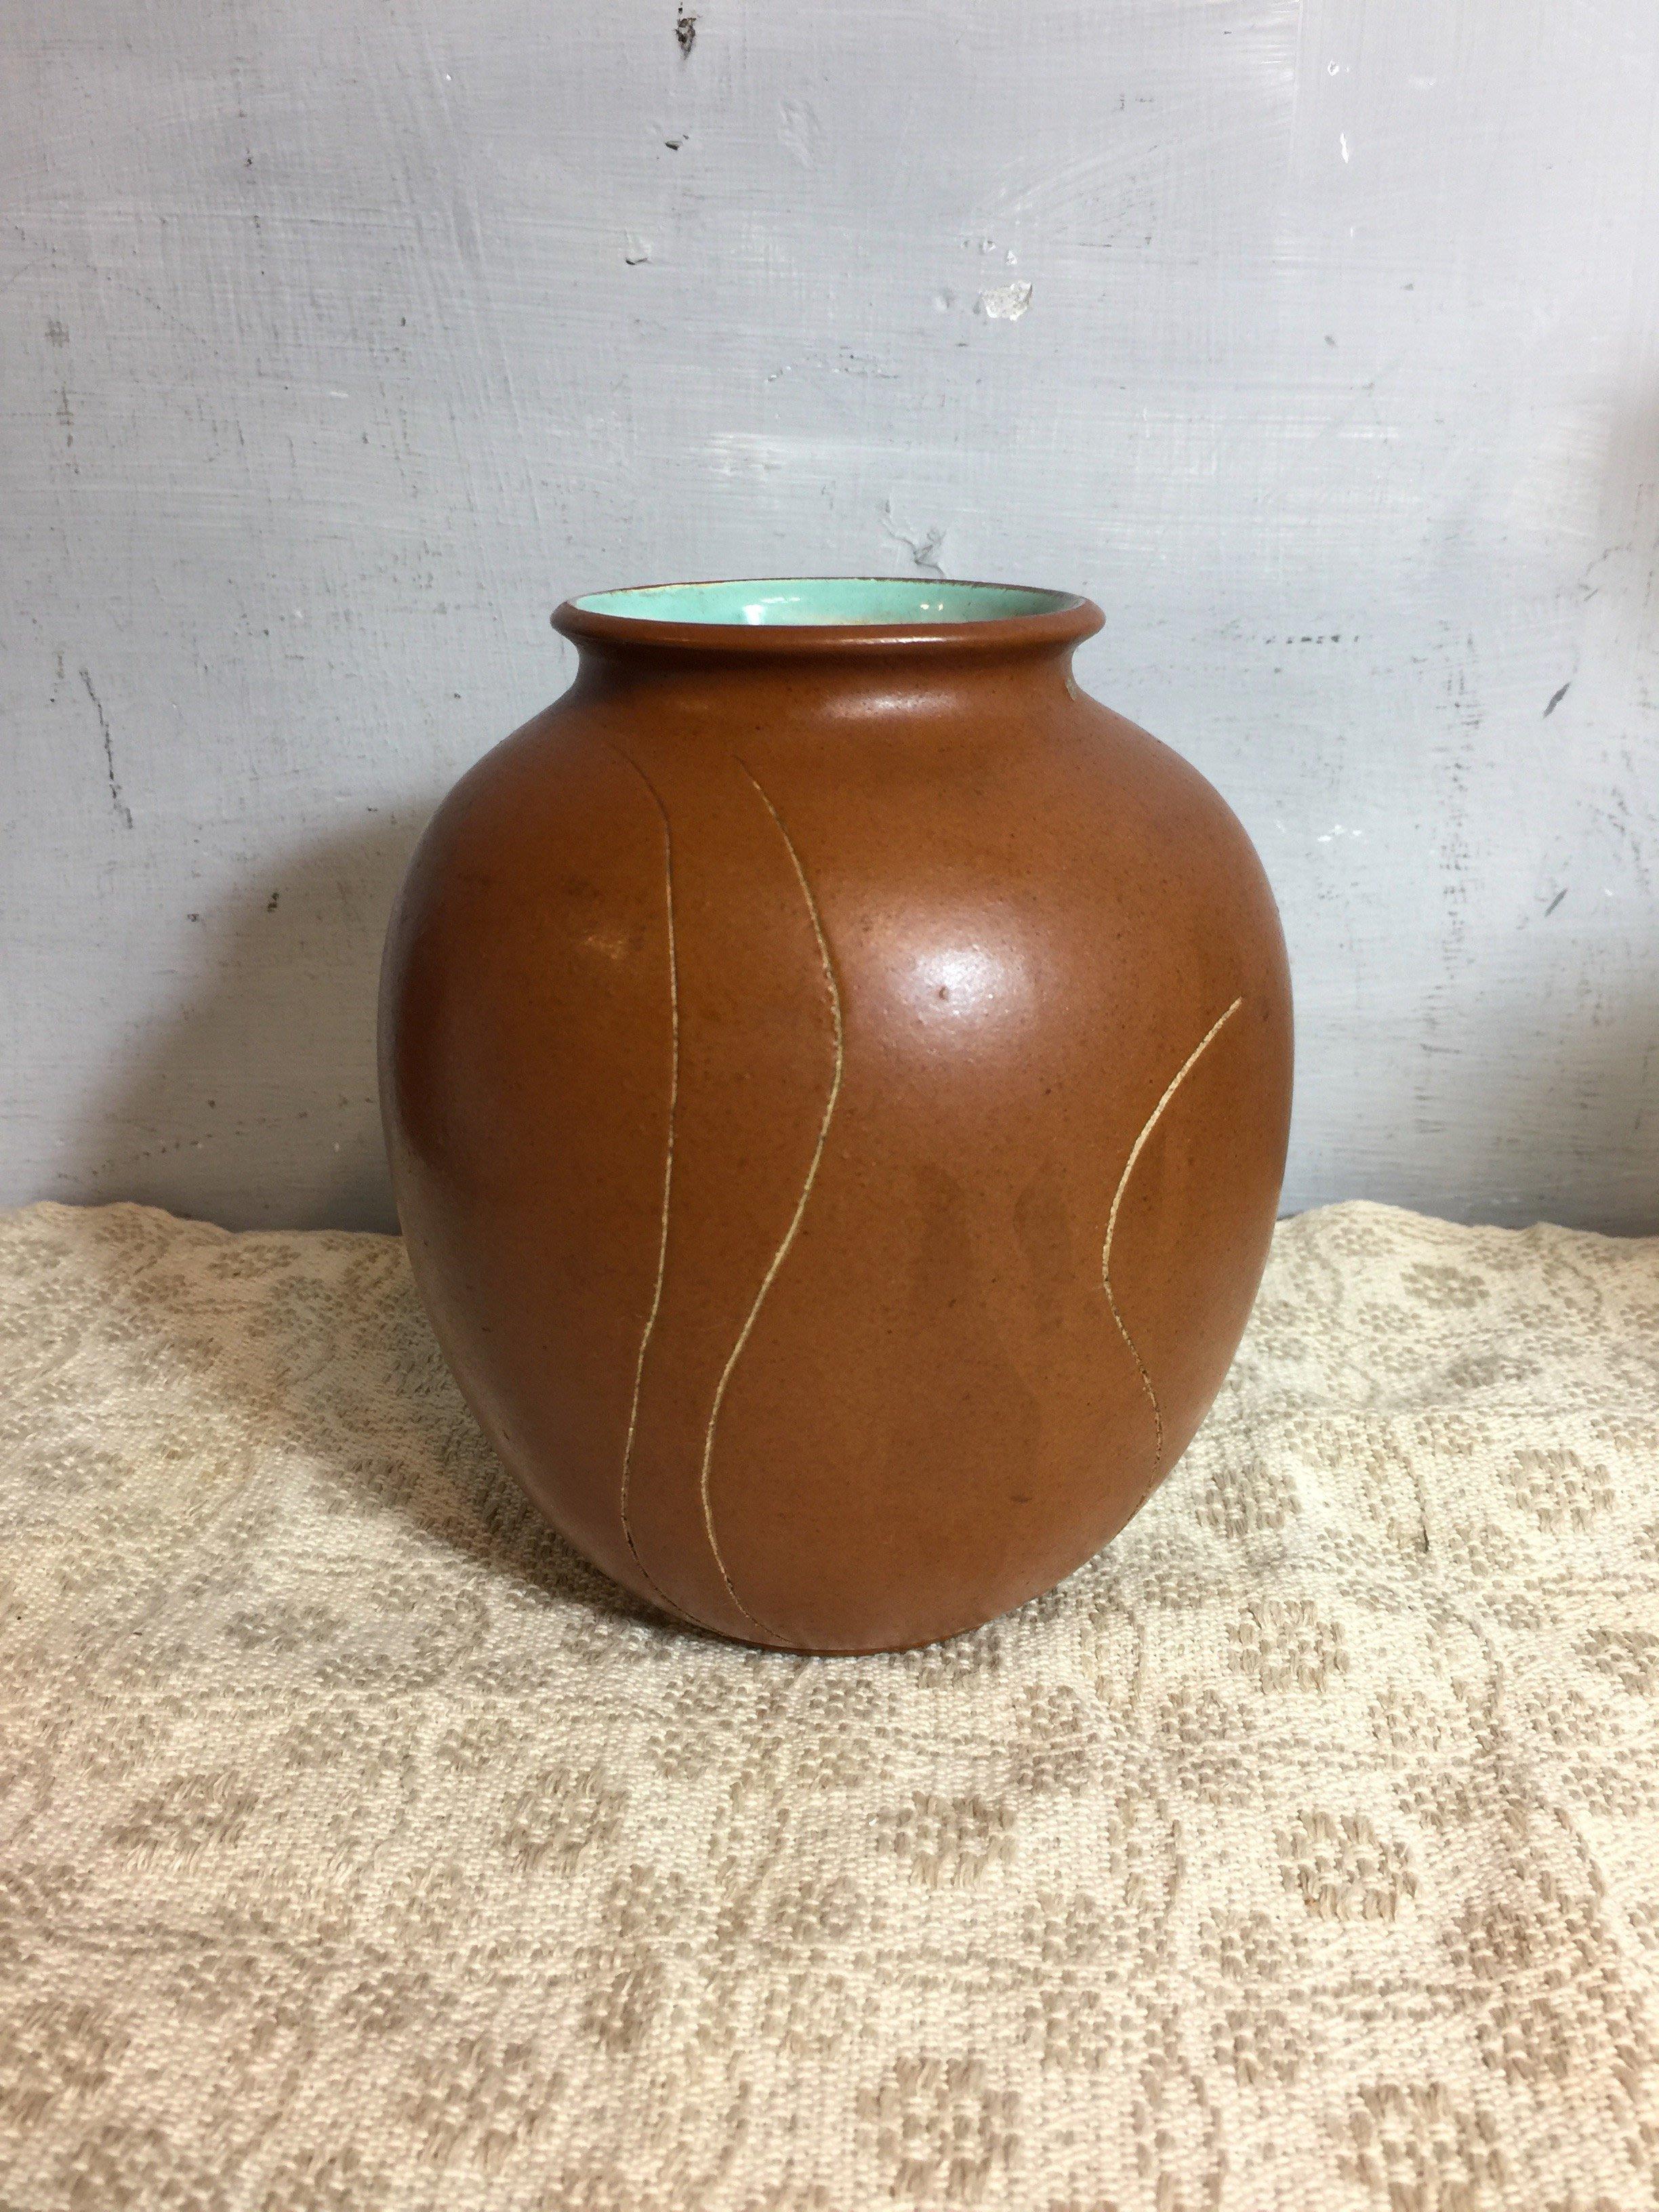 白明月藝術/古物雜貨店   老陶器花瓶